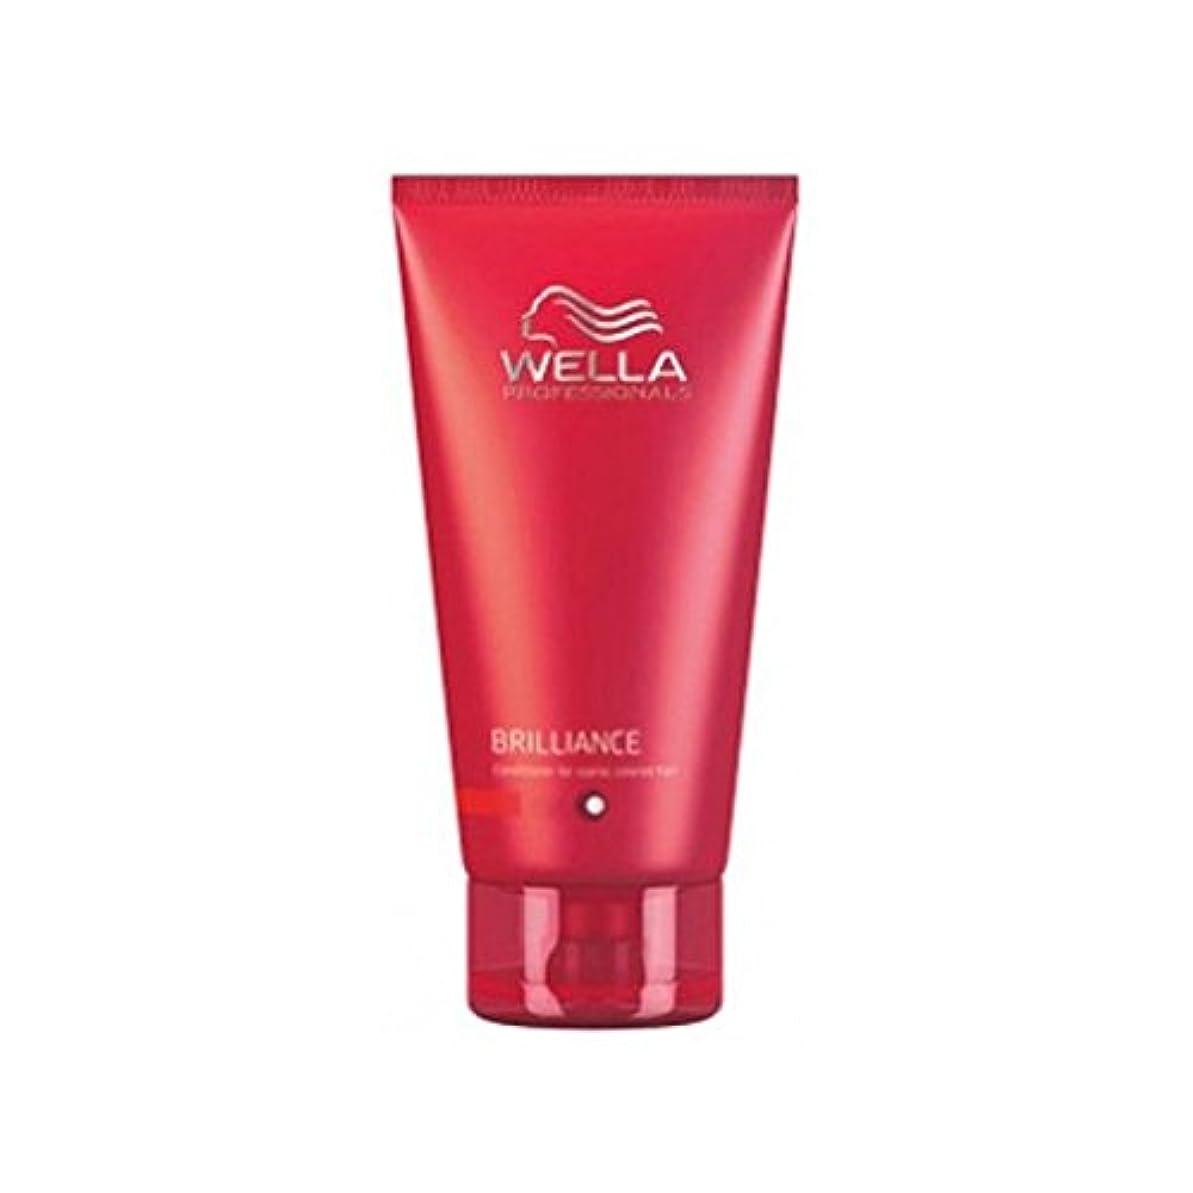 累計センチメートルまあウェラの専門家が通常に細かいためのコンディショナーを輝き、色の髪(200ミリリットル) x2 - Wella Professionals Brilliance Conditioner For Fine To Normal...